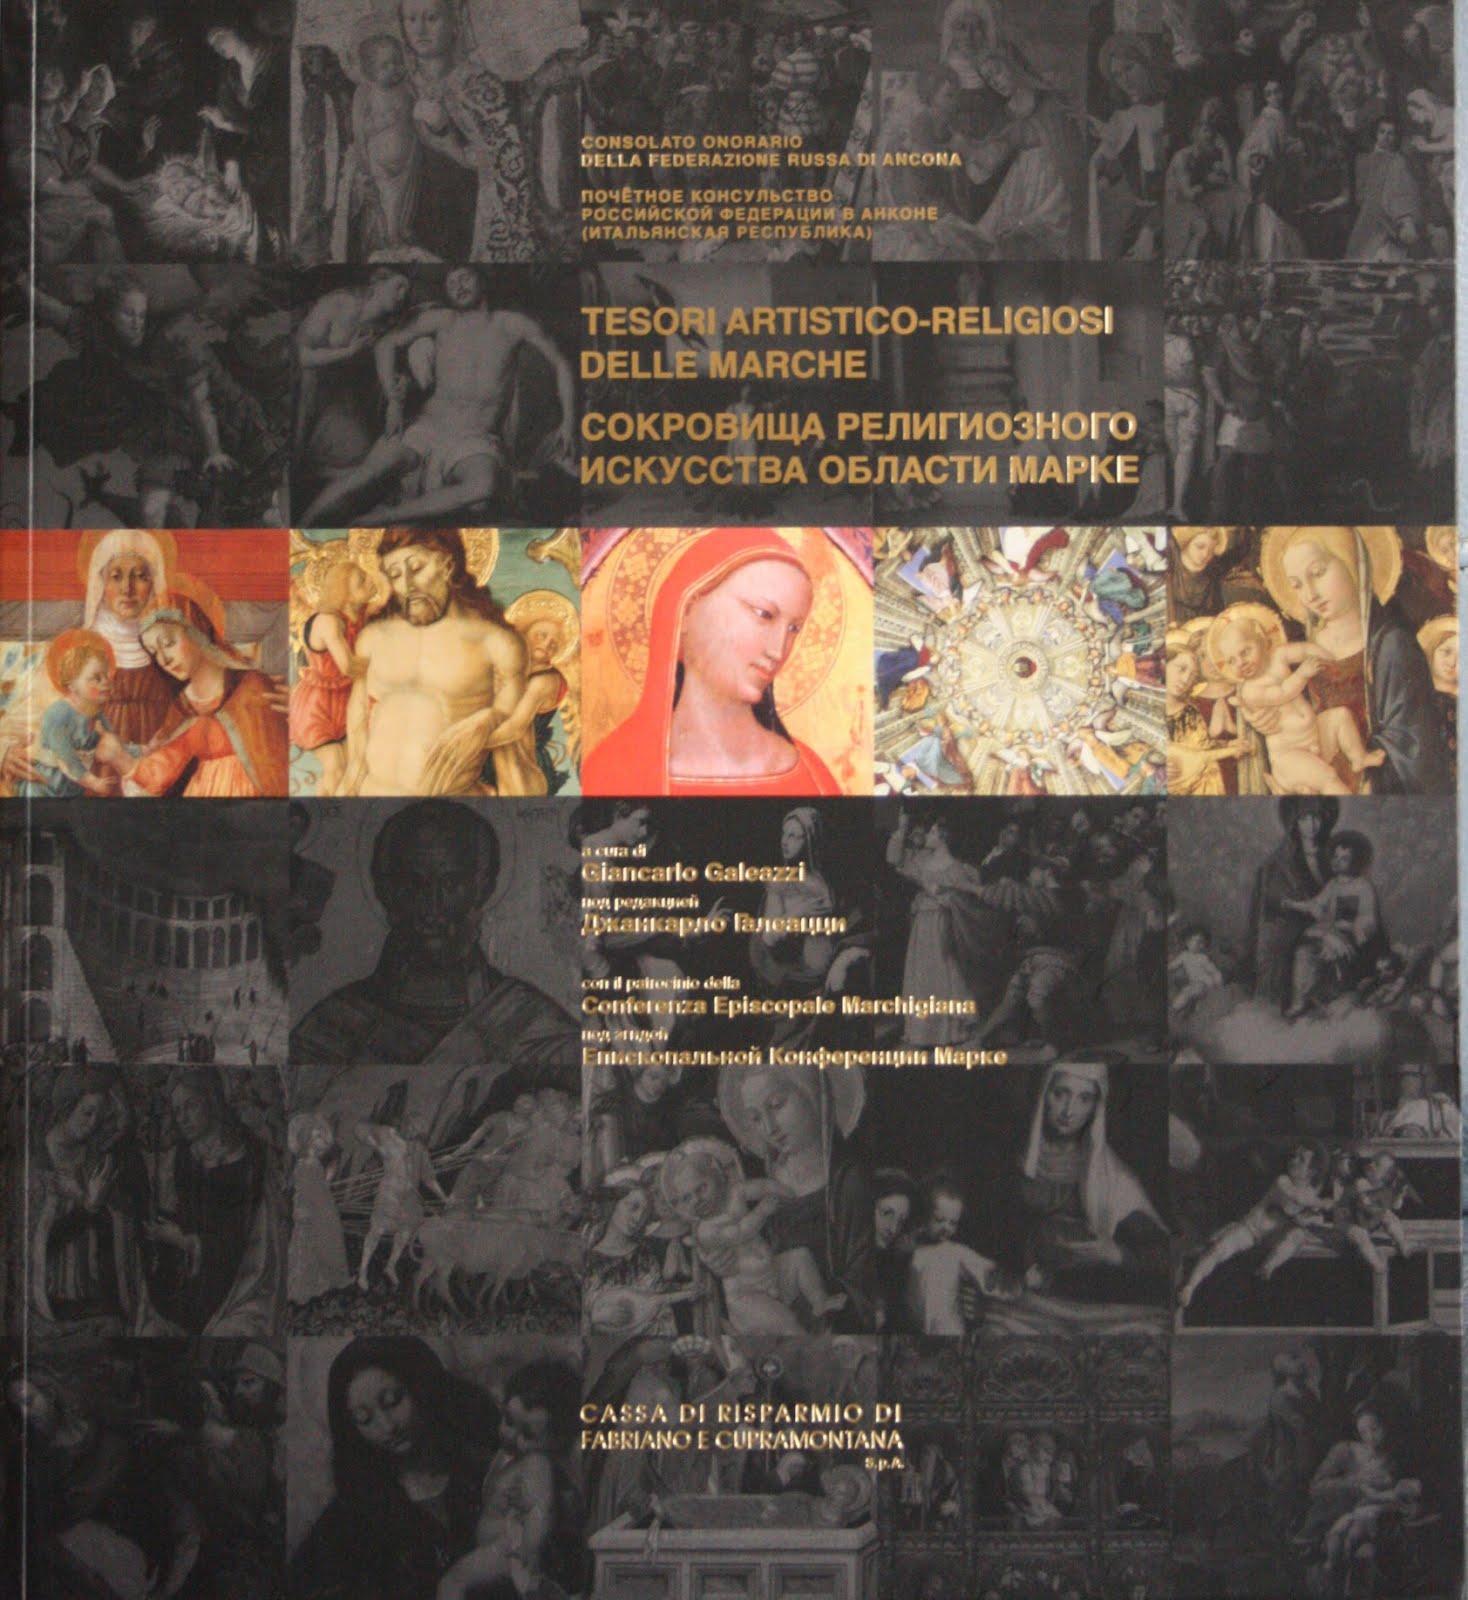 Сокровица религиозного искусства области Марке